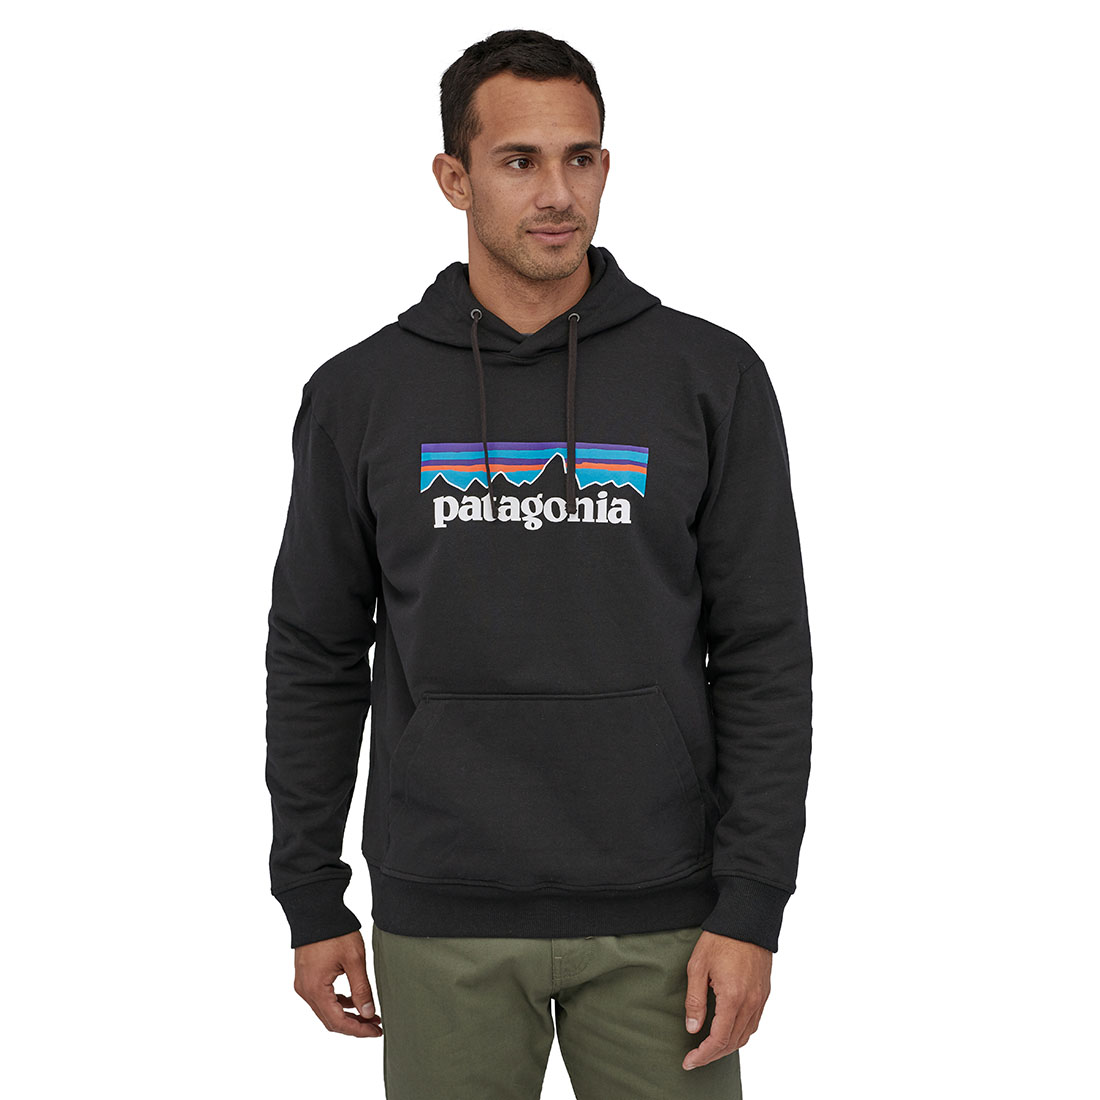 【送料無料】パタゴニア  Patagonia  メンズ M's P-6 Logo Uprisal Hoody(S M L)  メンズ・P-6ロゴ・アップライザル・フーディ パーカー メール便不可